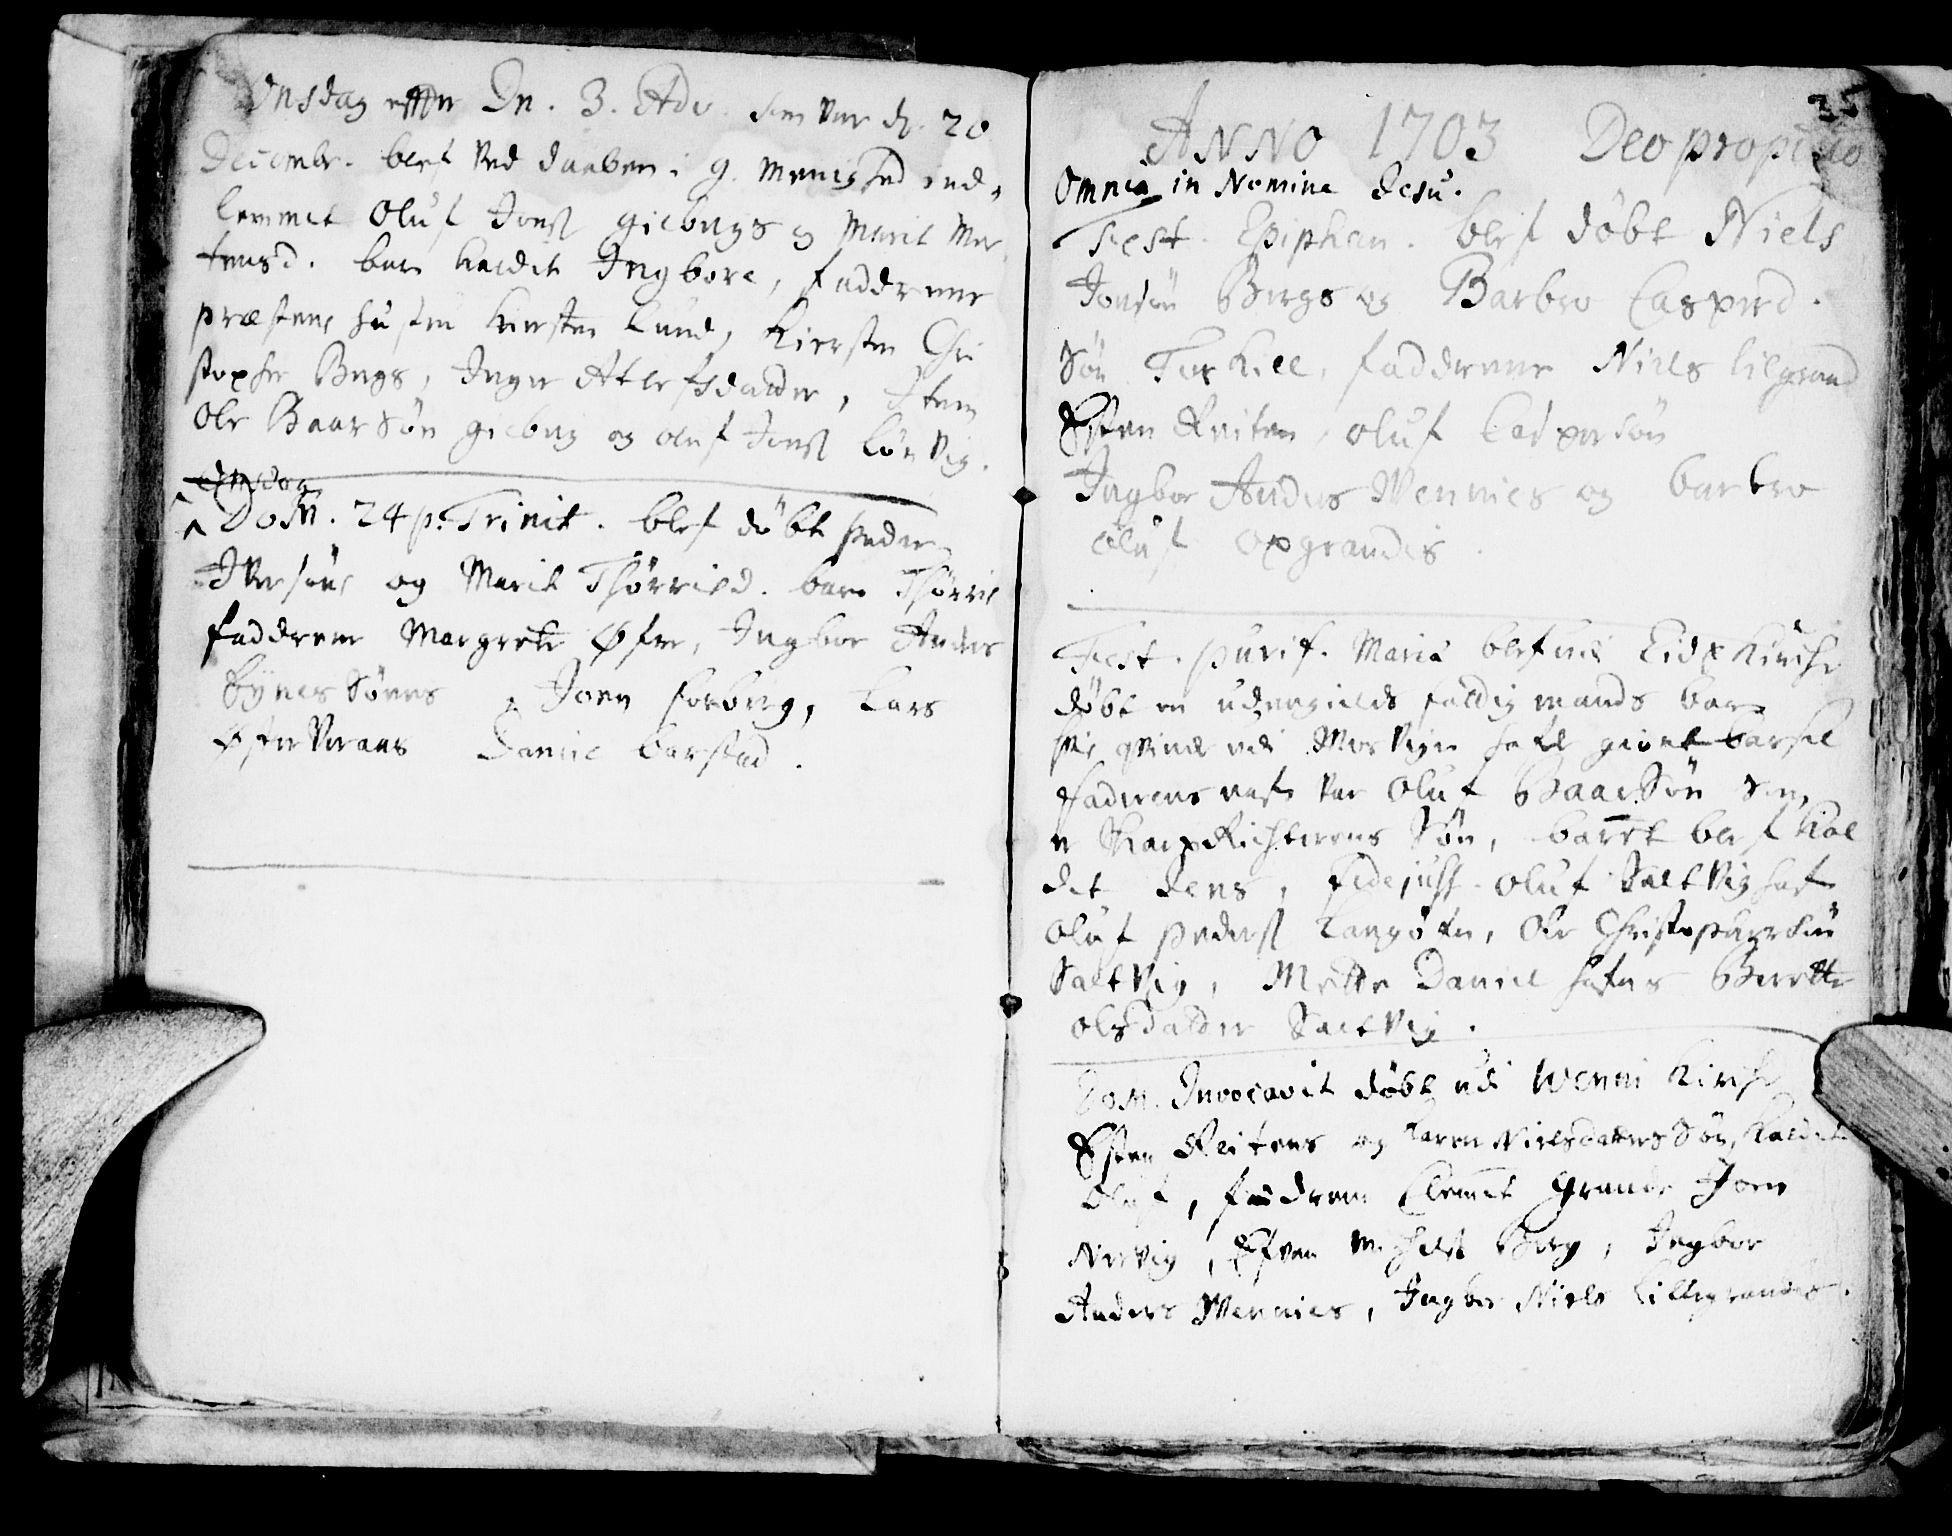 SAT, Ministerialprotokoller, klokkerbøker og fødselsregistre - Nord-Trøndelag, 722/L0214: Ministerialbok nr. 722A01, 1692-1718, s. 35